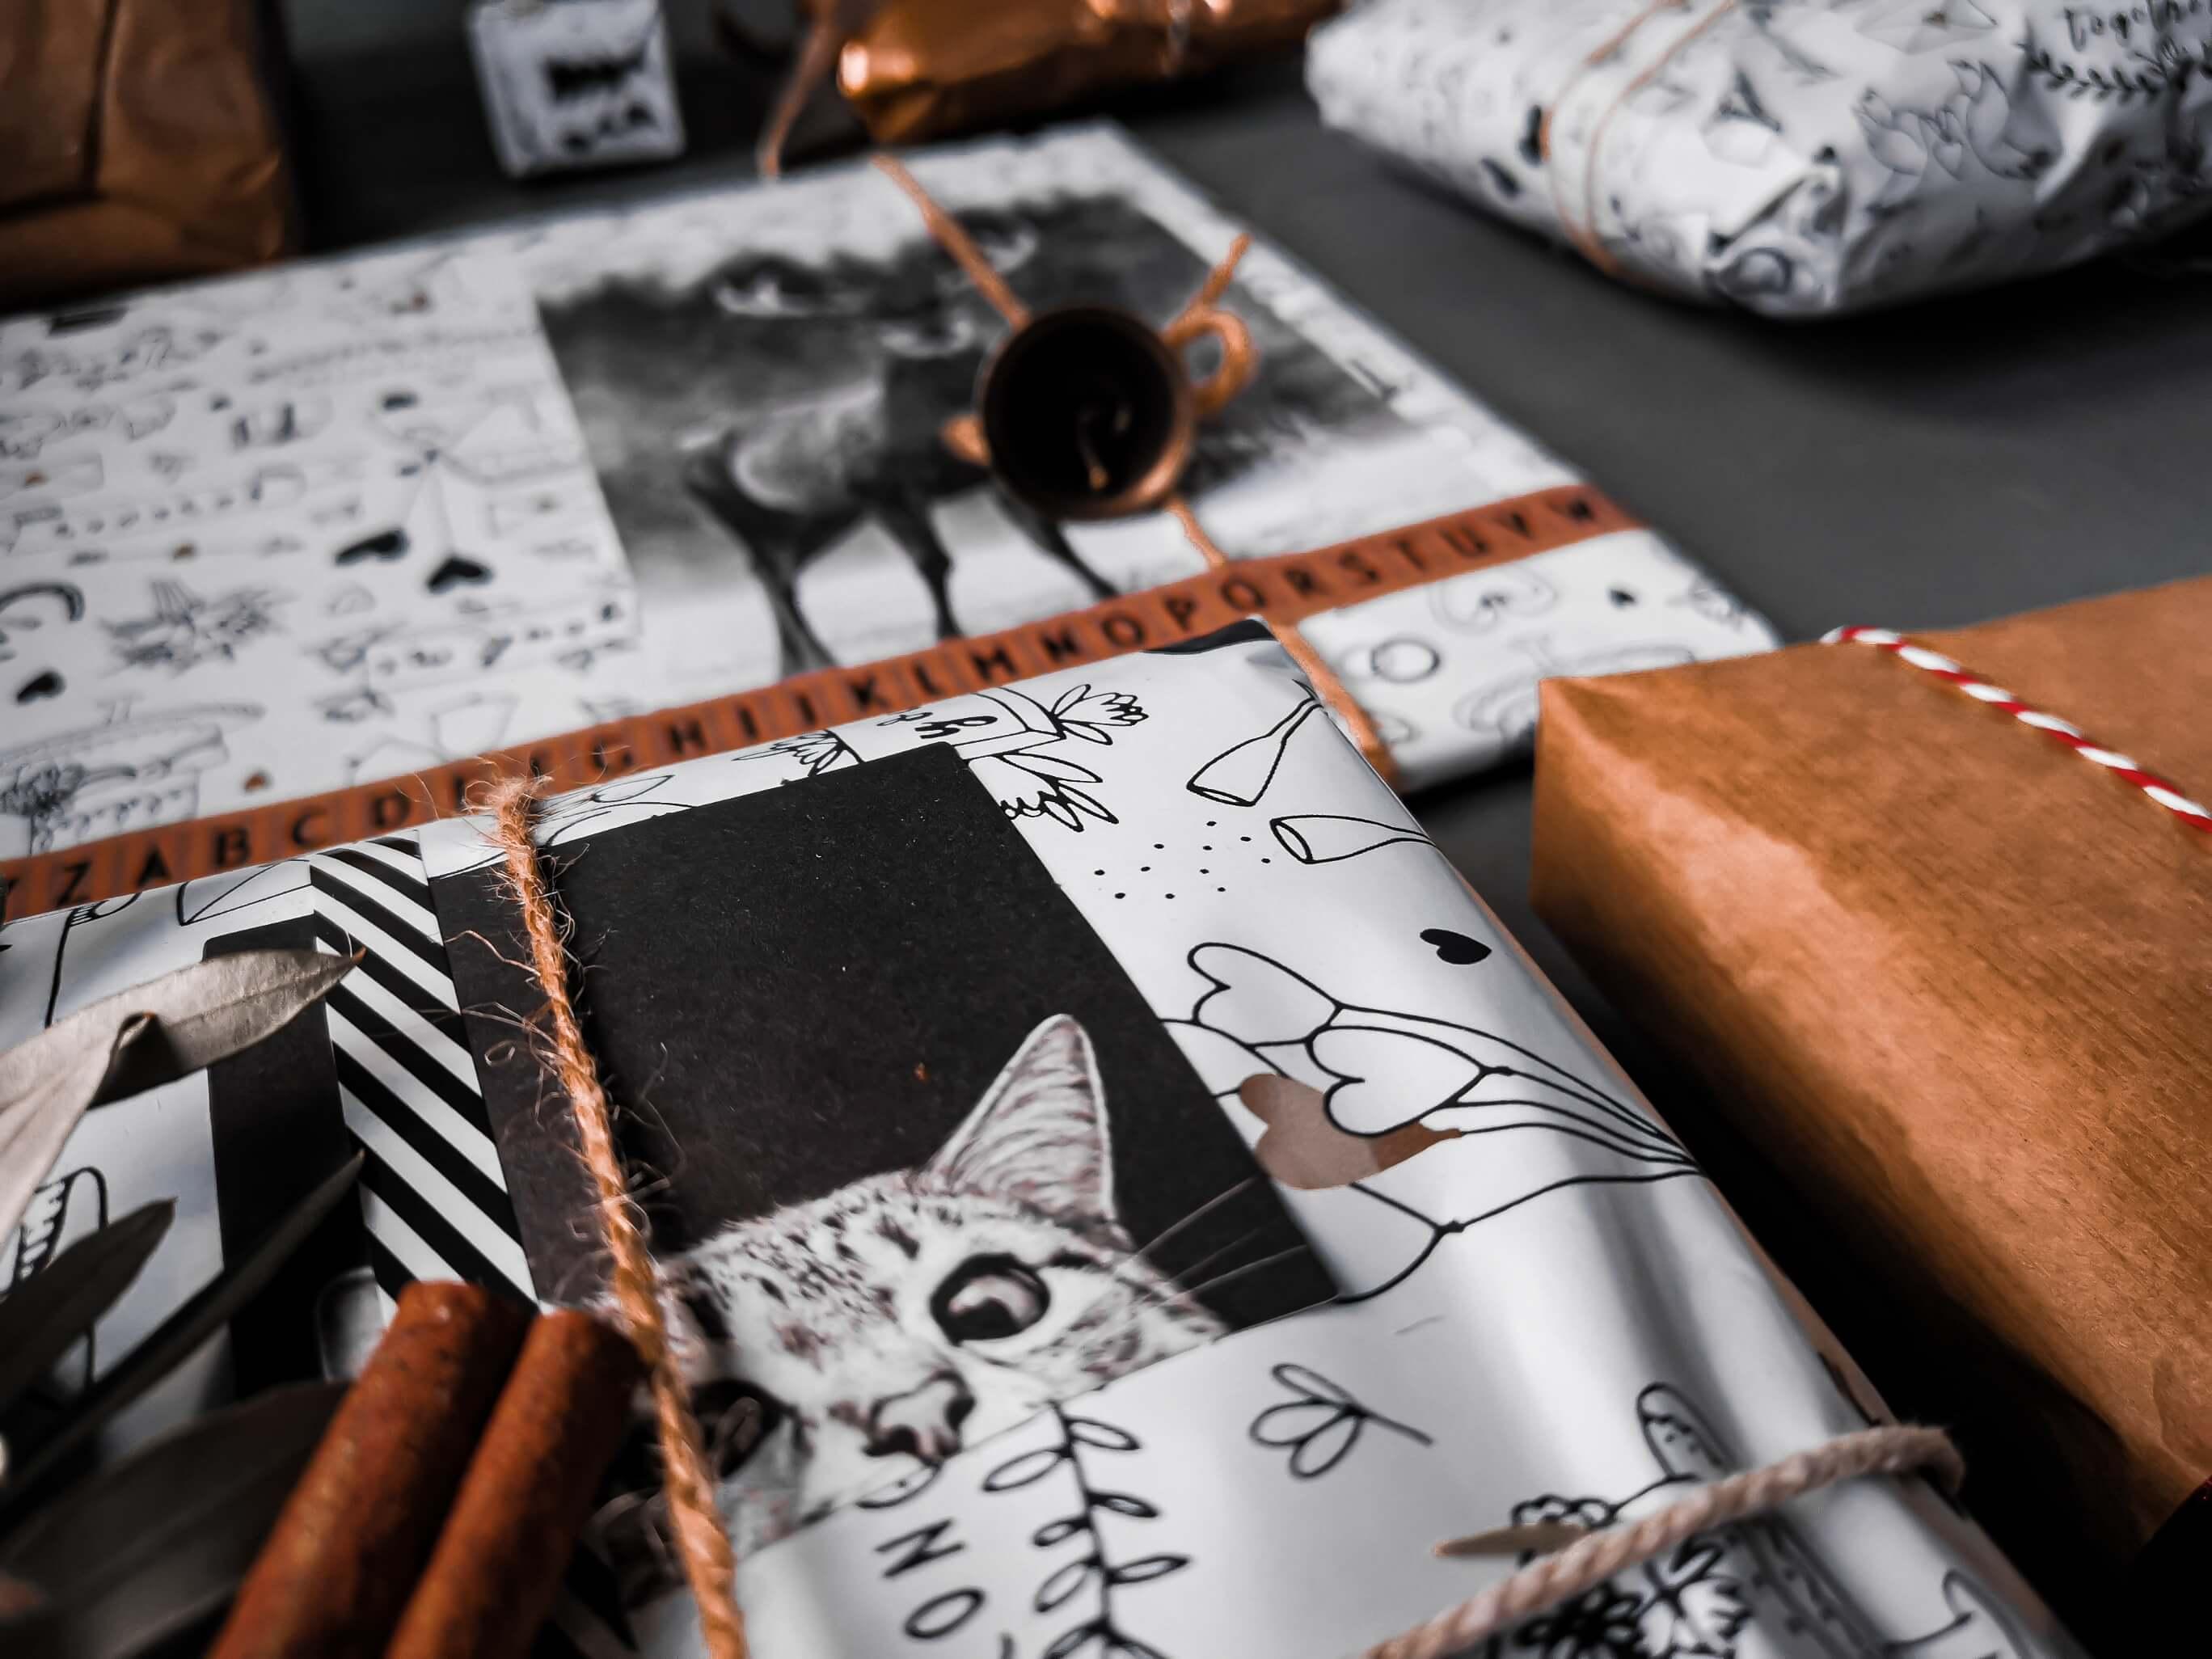 IMG 20191207 110623 resized 20191208 060333330 - 11 tipov ako zabaliť vianočné darčeky originálne a kreatívne